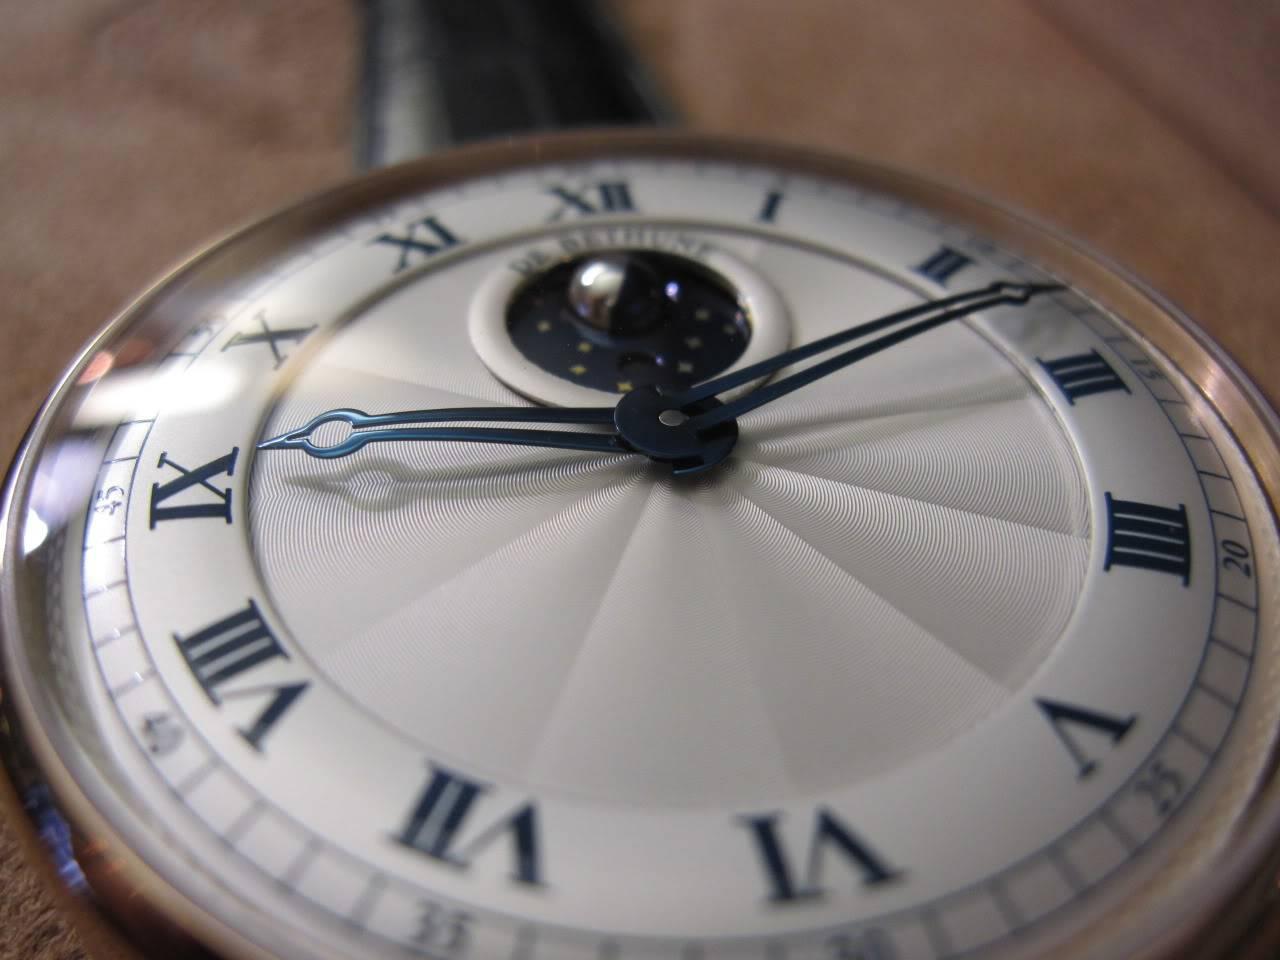 Où l'horlogerie devient art... (De Bethune inside) - Page 2 DB_SIHH2010_012b